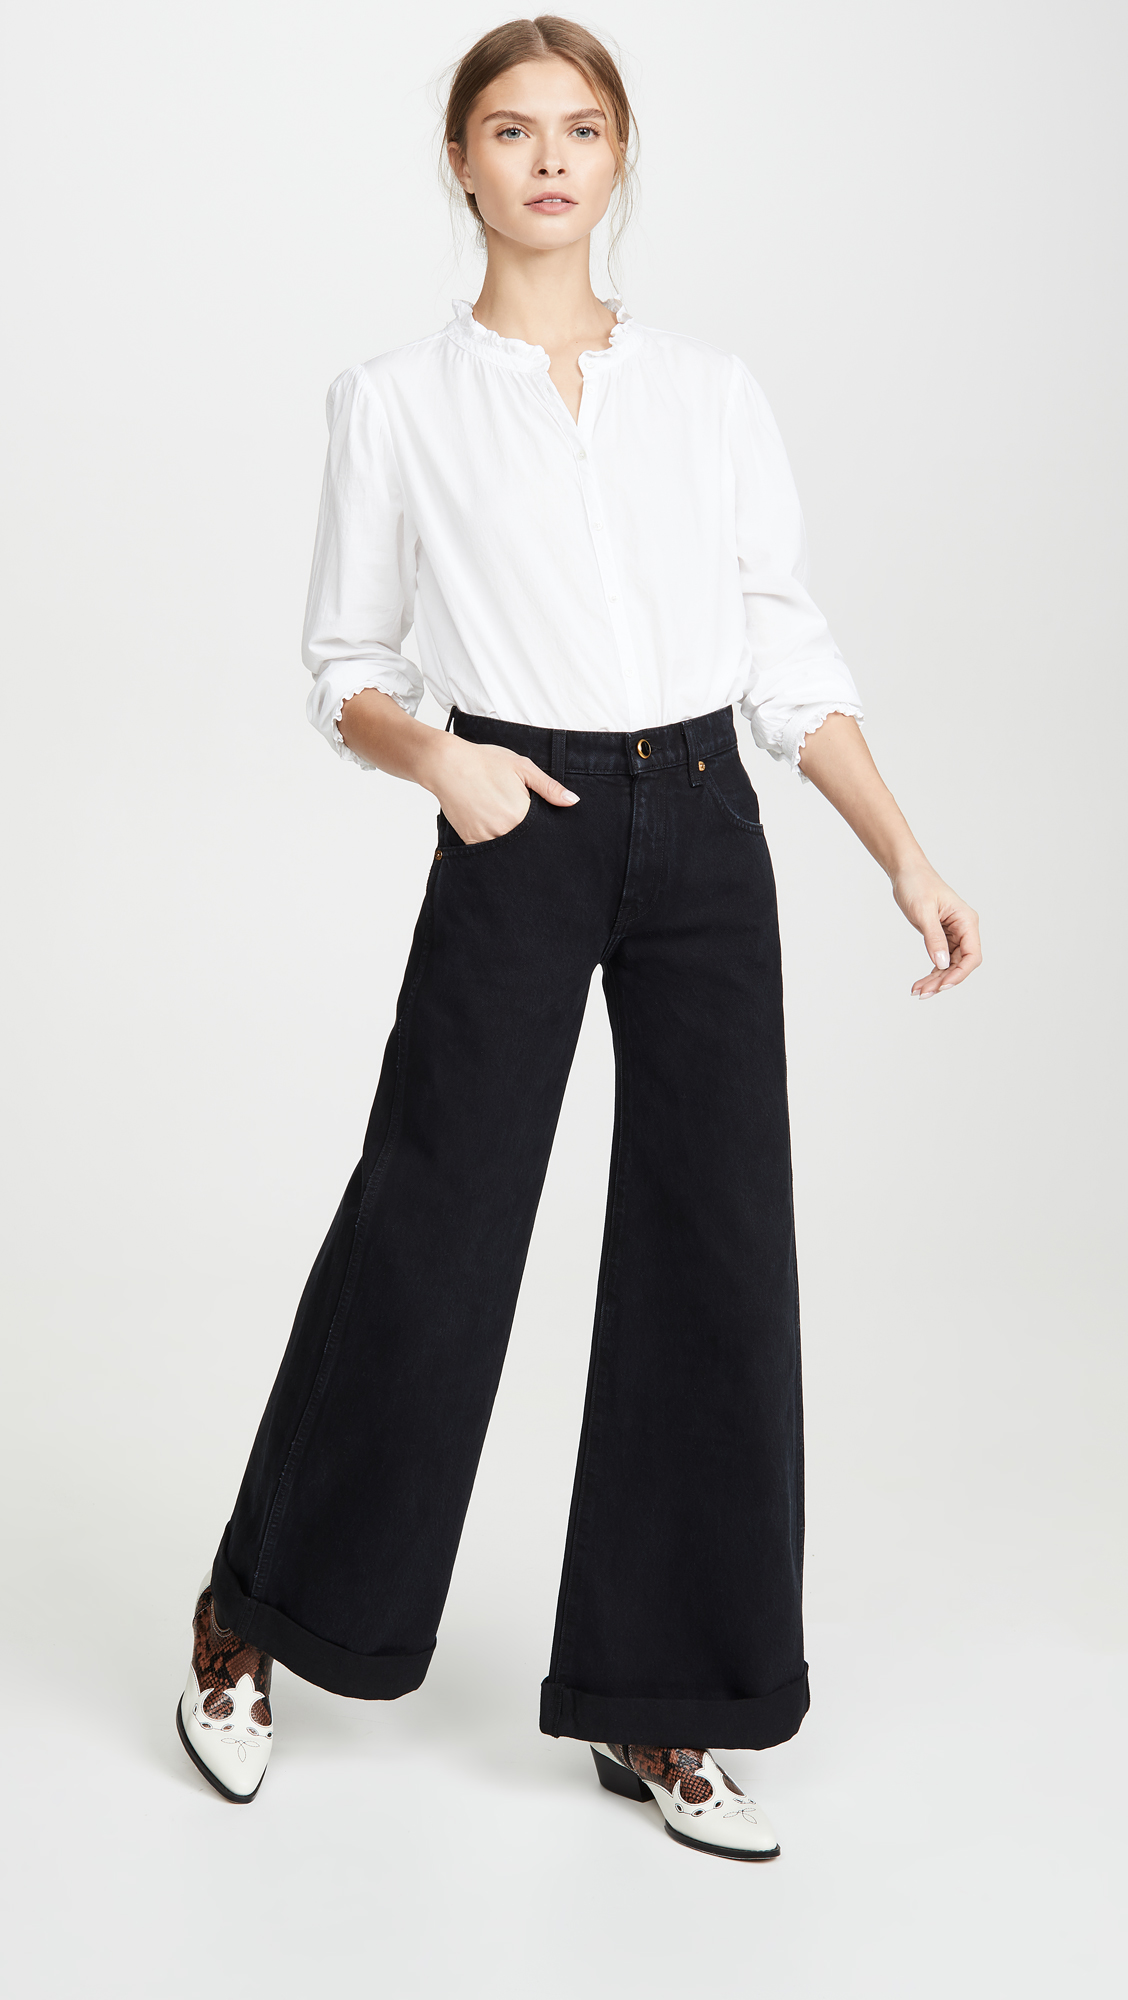 Khaite Noelle Jeans